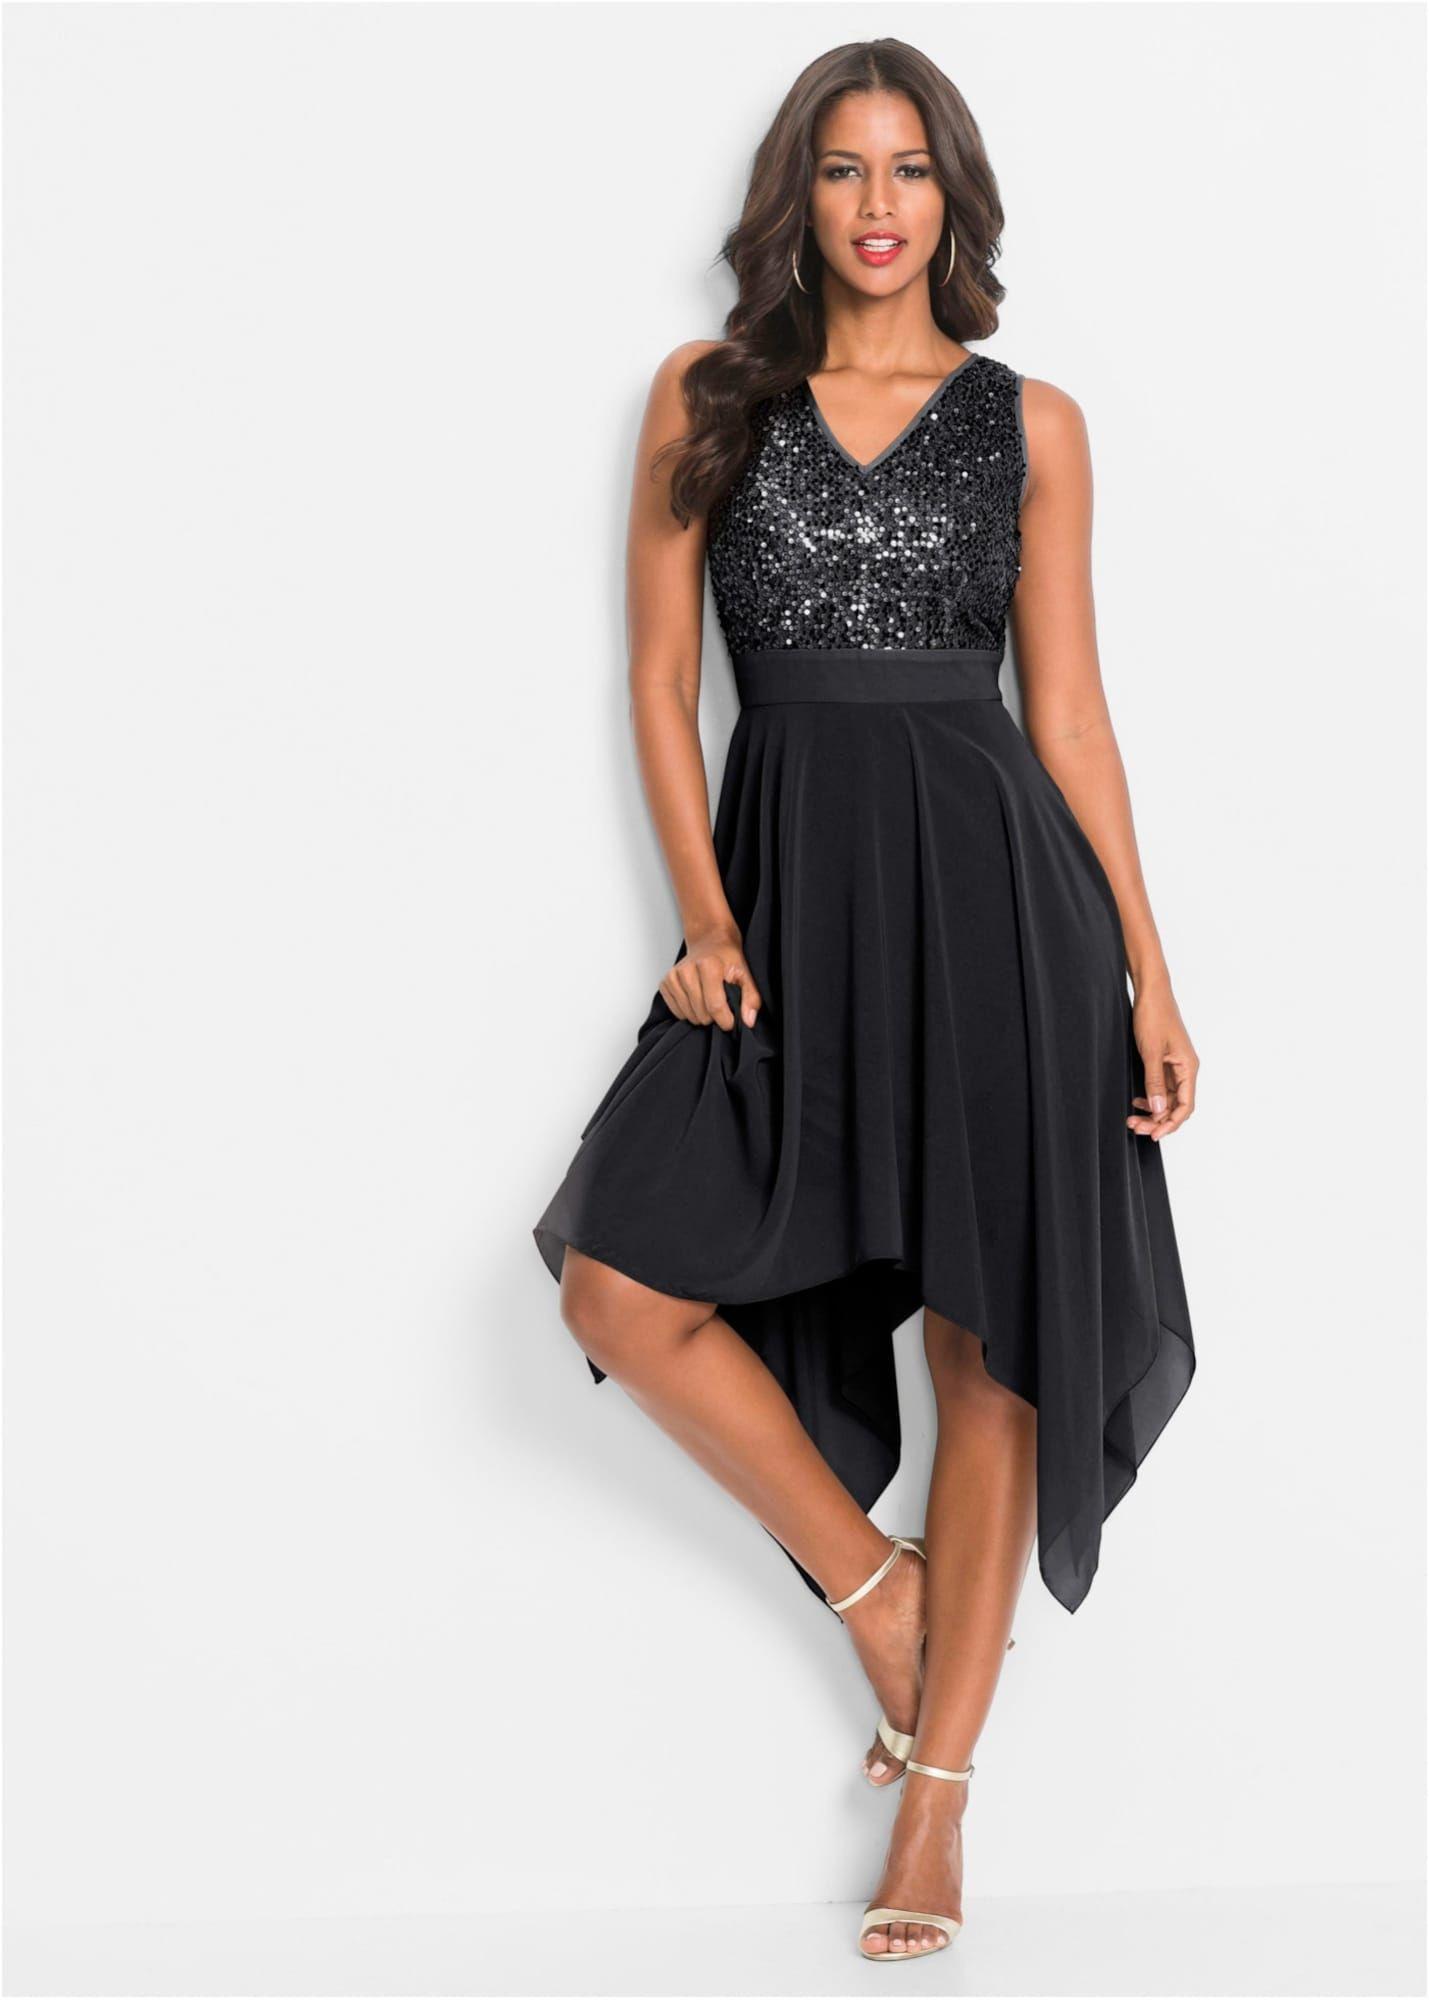 Abendkleider Bei Bonprix  Abendkleider  Elegante Ballkleider